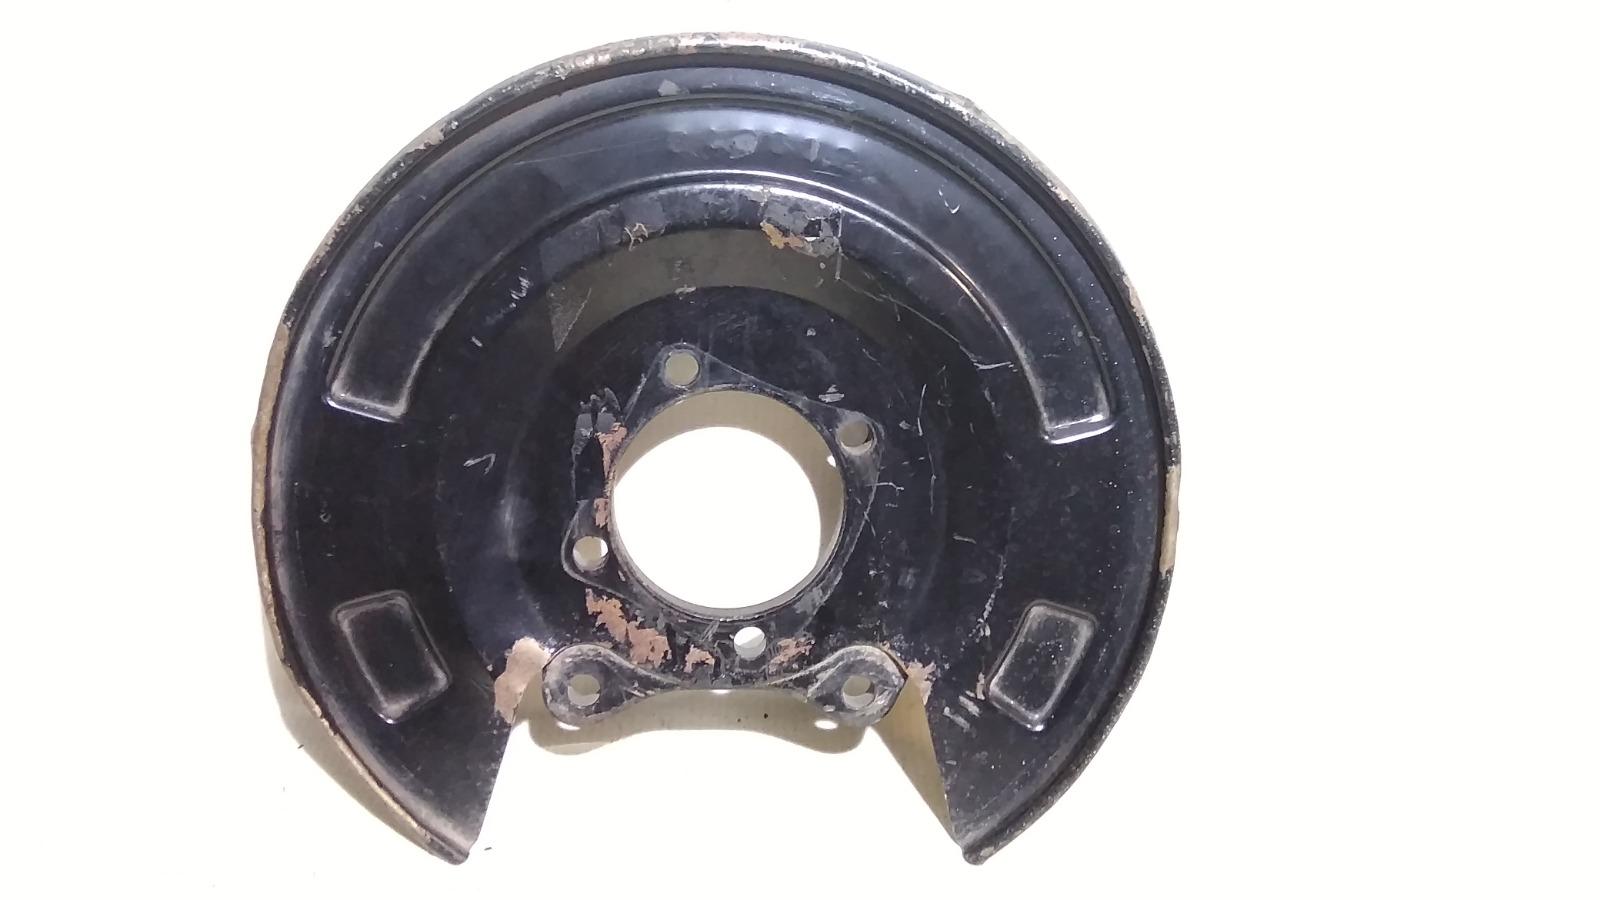 Щиток тормозного механизма Geely Emgrand Ec7 FE-1 JL4G18 2008> задний левый